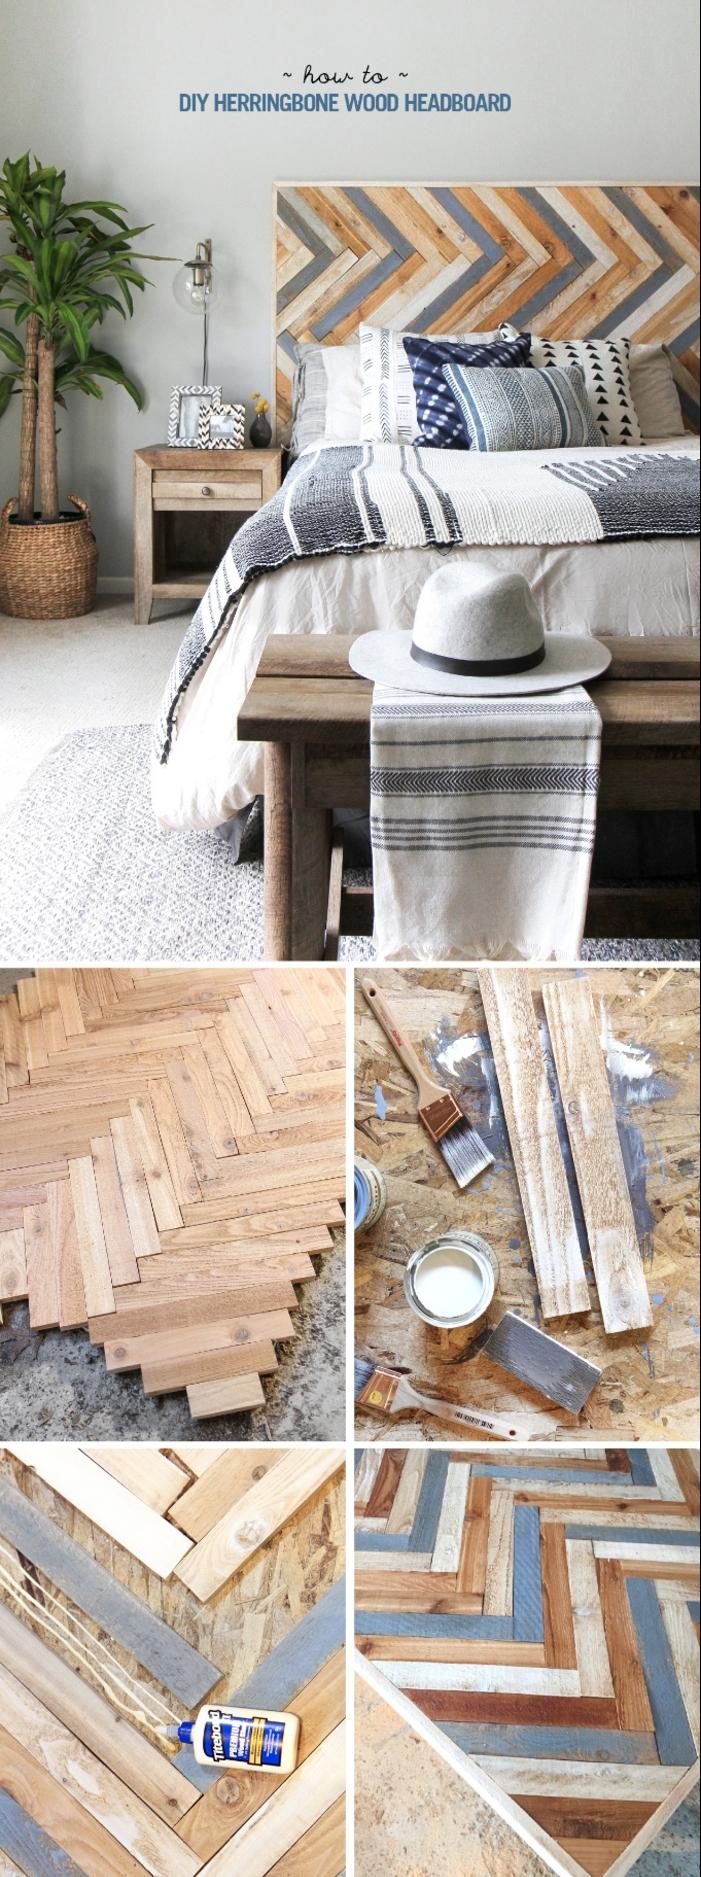 tuto tete de lit originale à motif chevrons réalisée avec des planchettes de bois en couleurs différentes